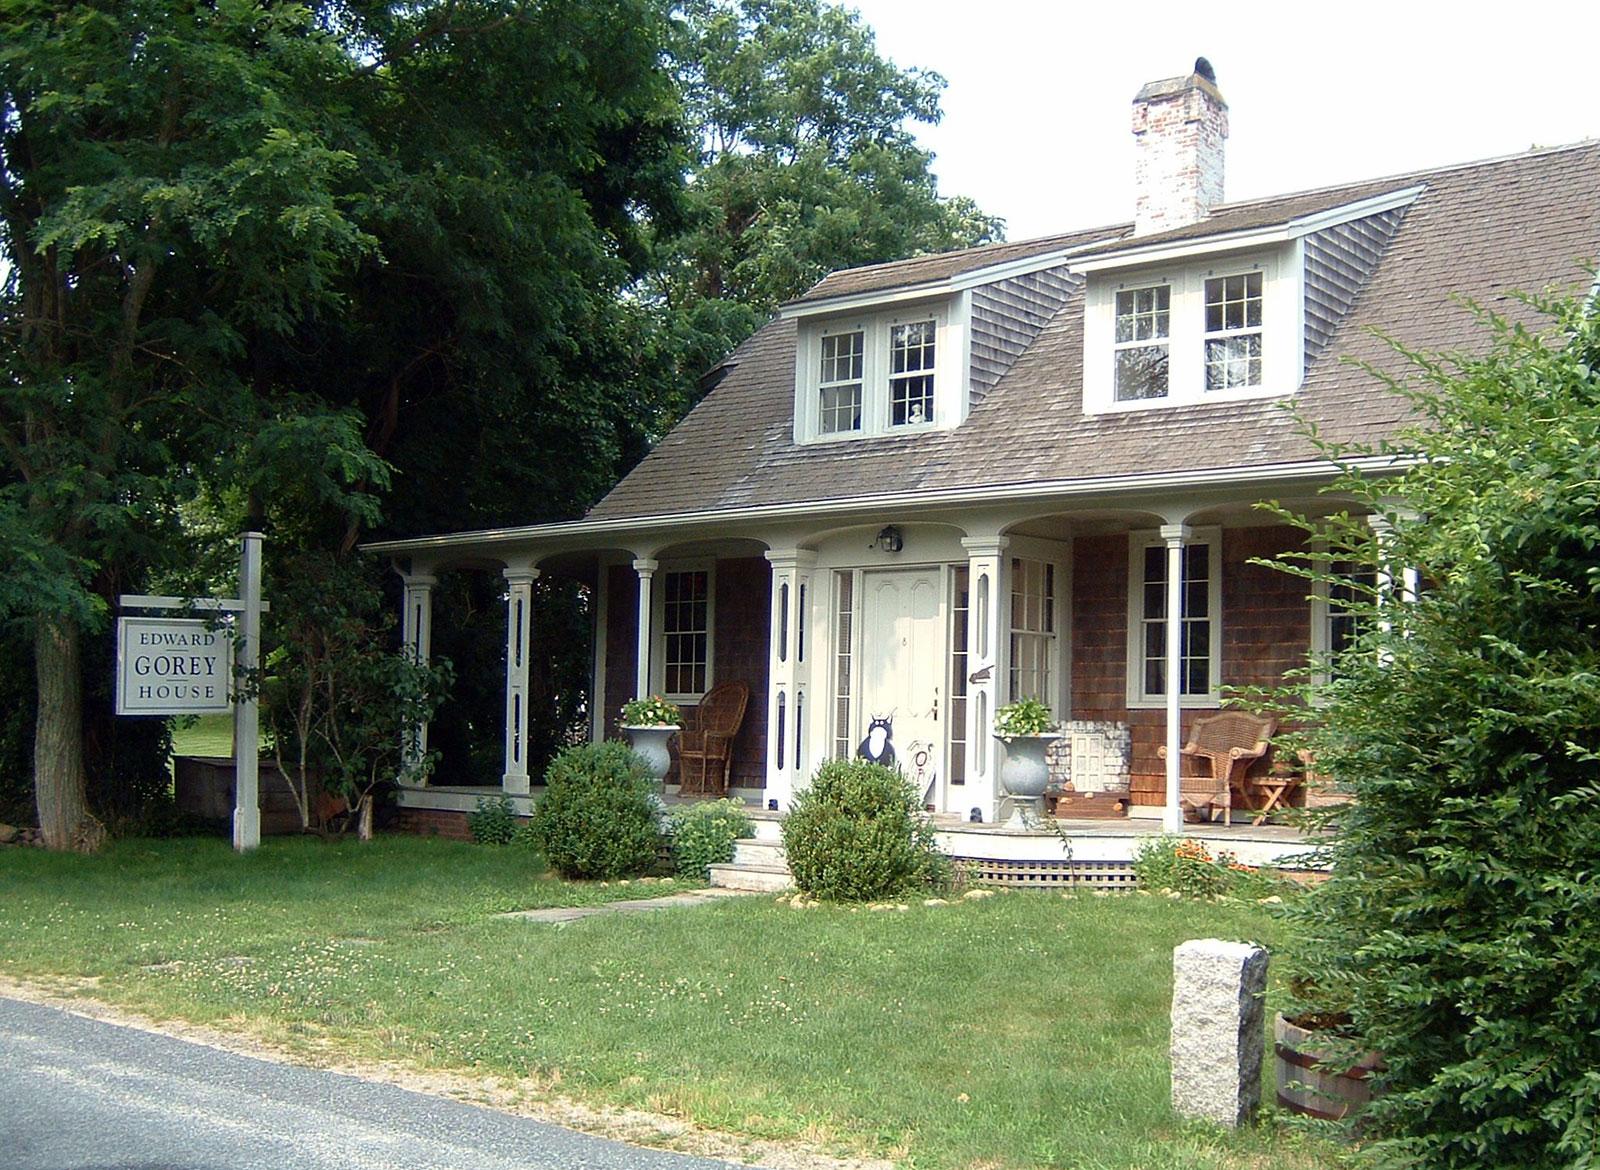 Edward Gorey House - the writer's home